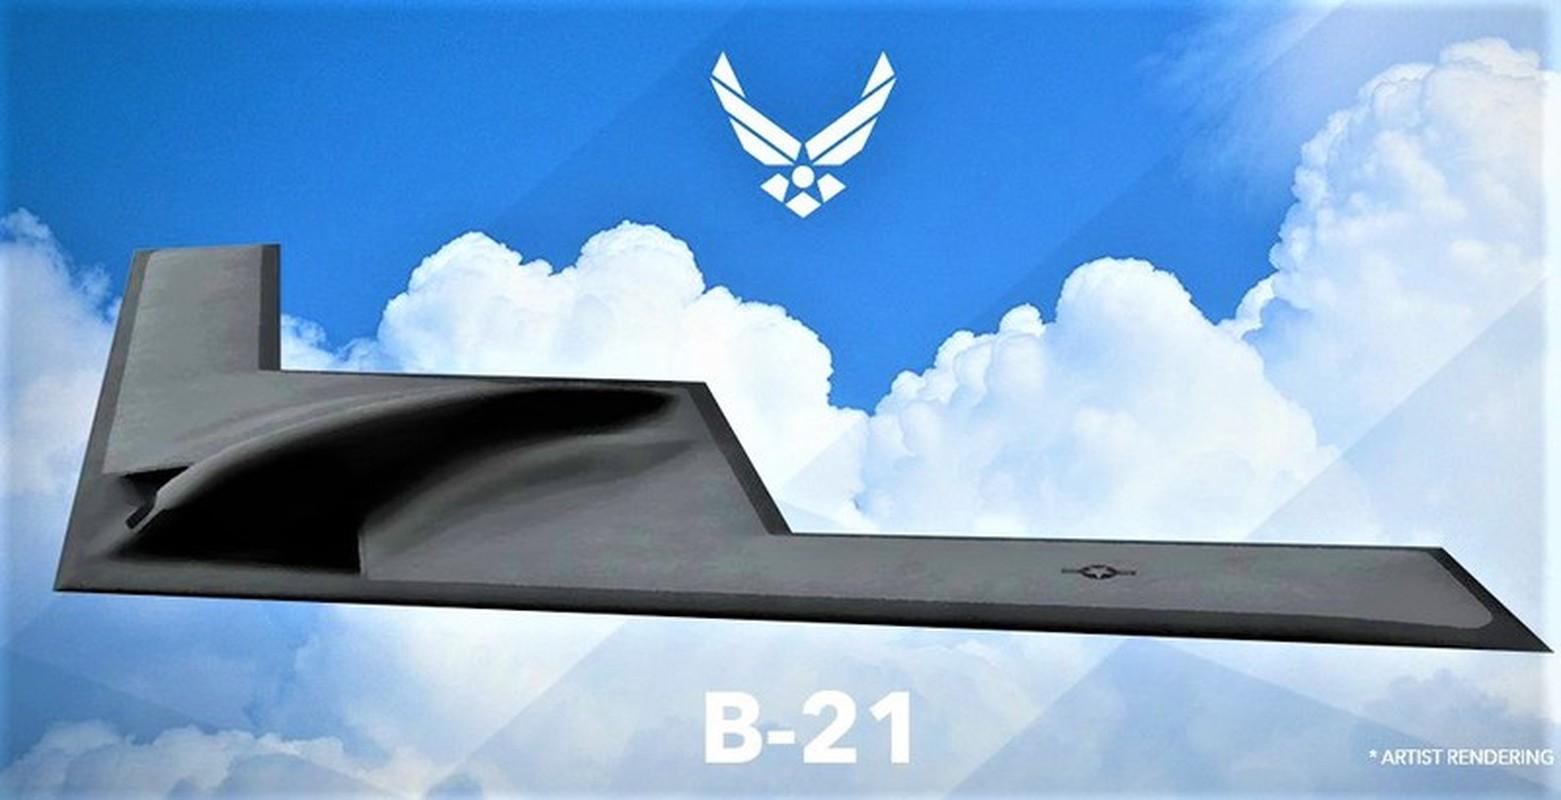 Oanh tac co B-21 Raider: My chua ban, nhieu nuoc da doi mua